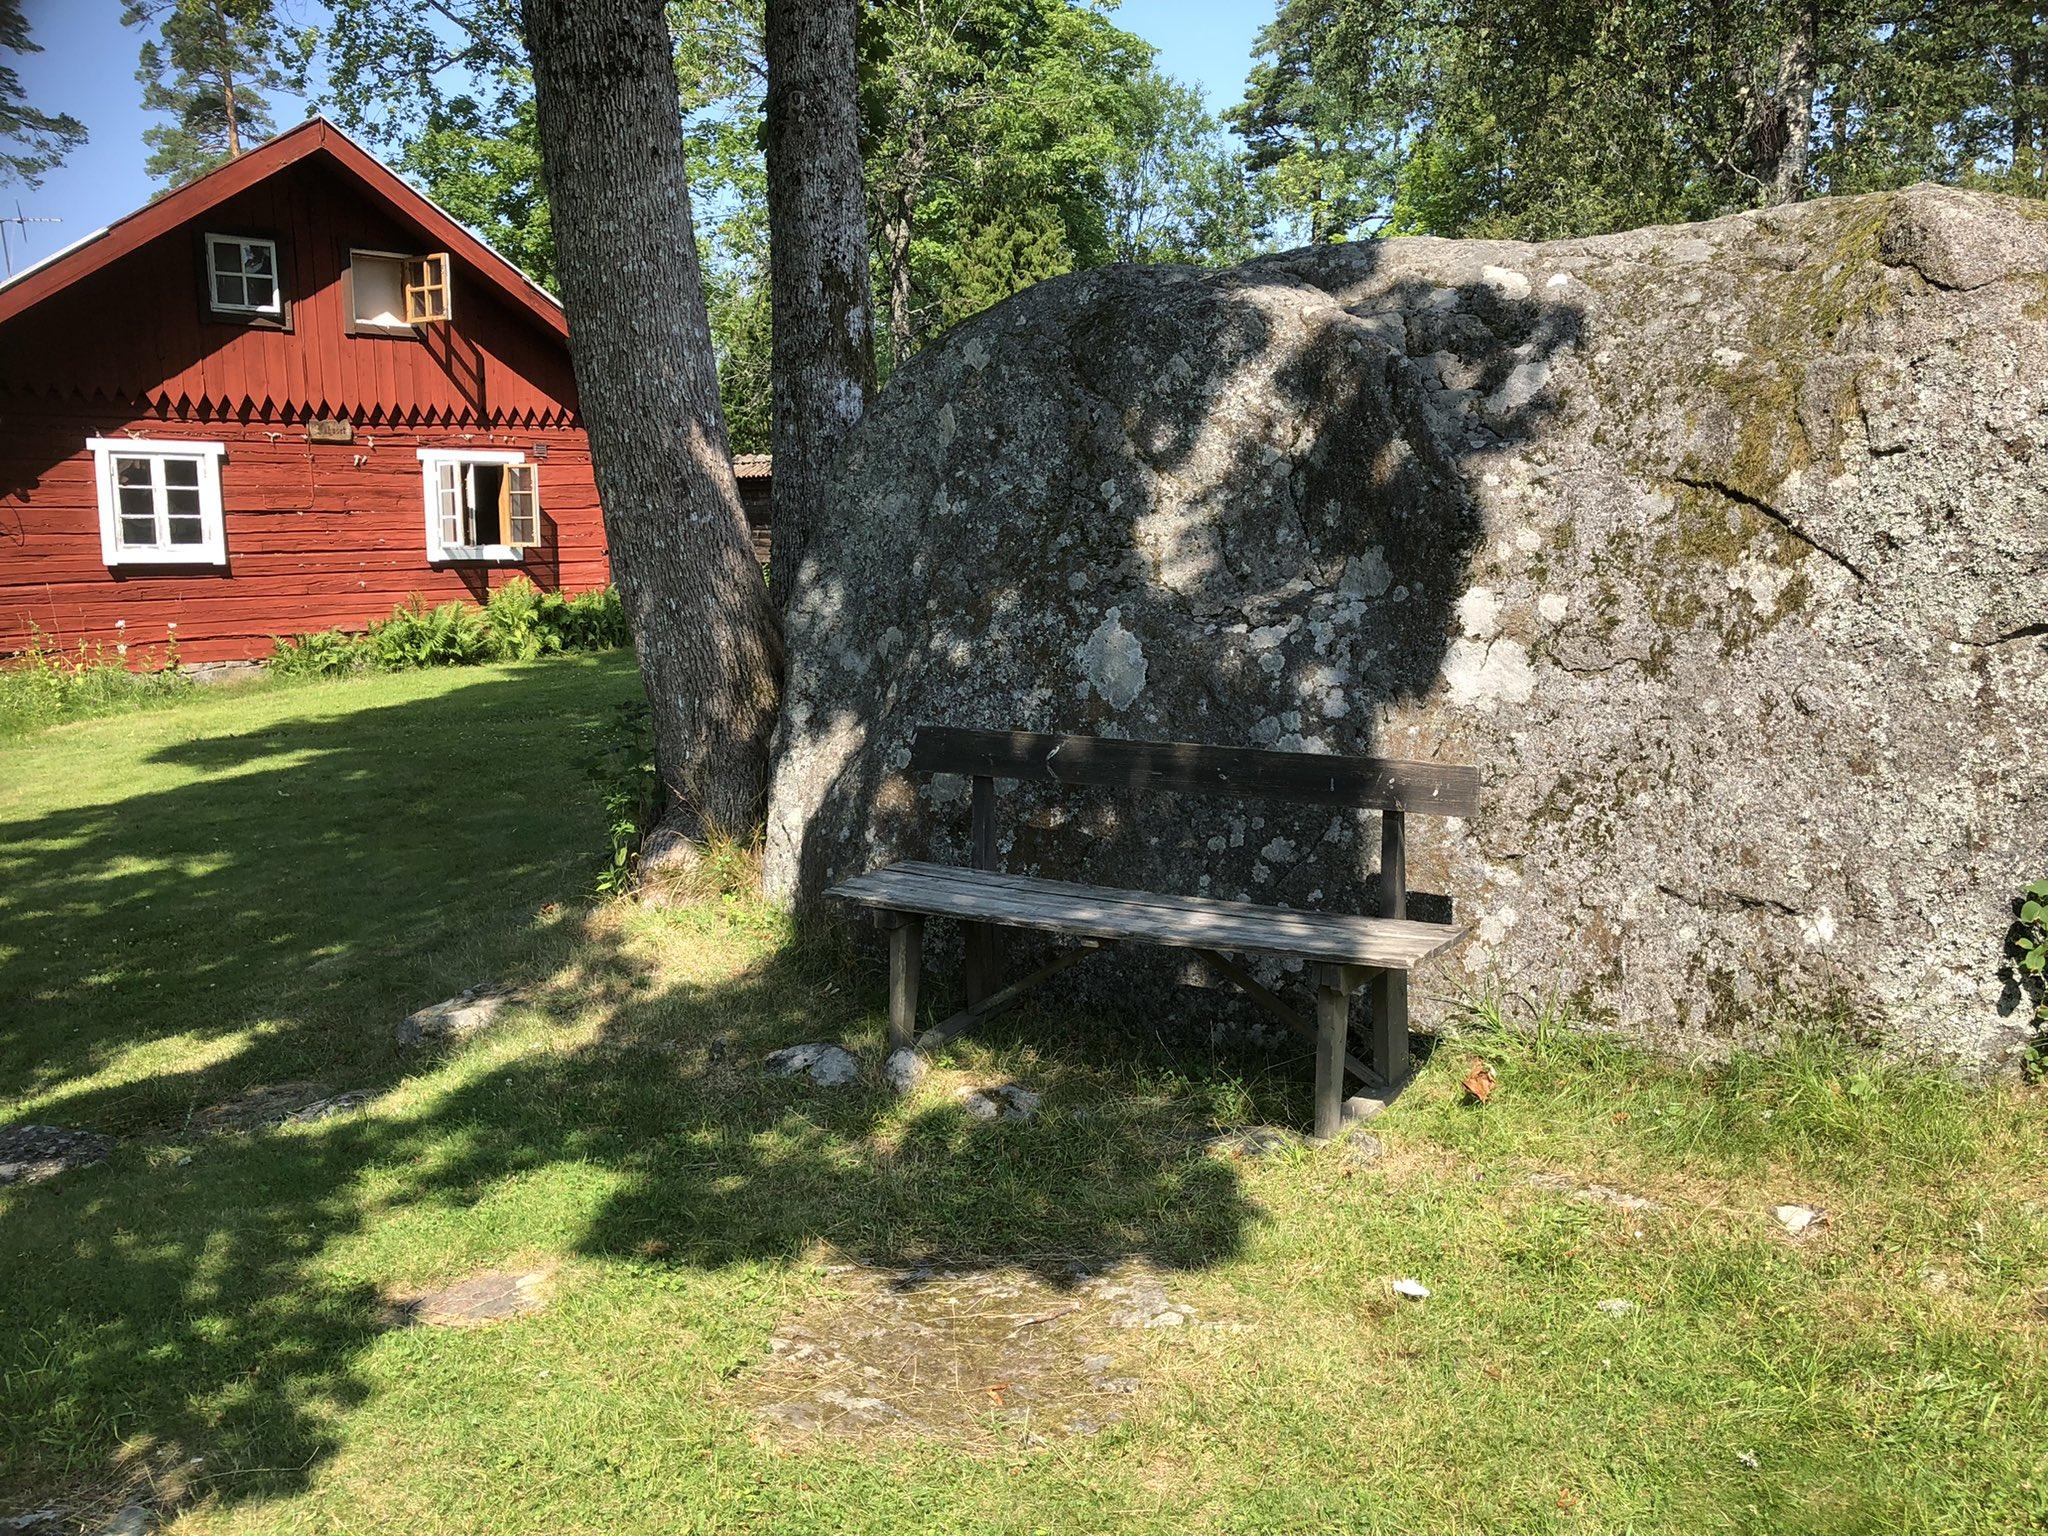 rt-gerritjhkuiper-uit-de-wind-en-uit-de-zon-wandelbankjes-in-tivedtorp-nabij-tivednationalpark-zweden-https-t-co-s5zenlyal3